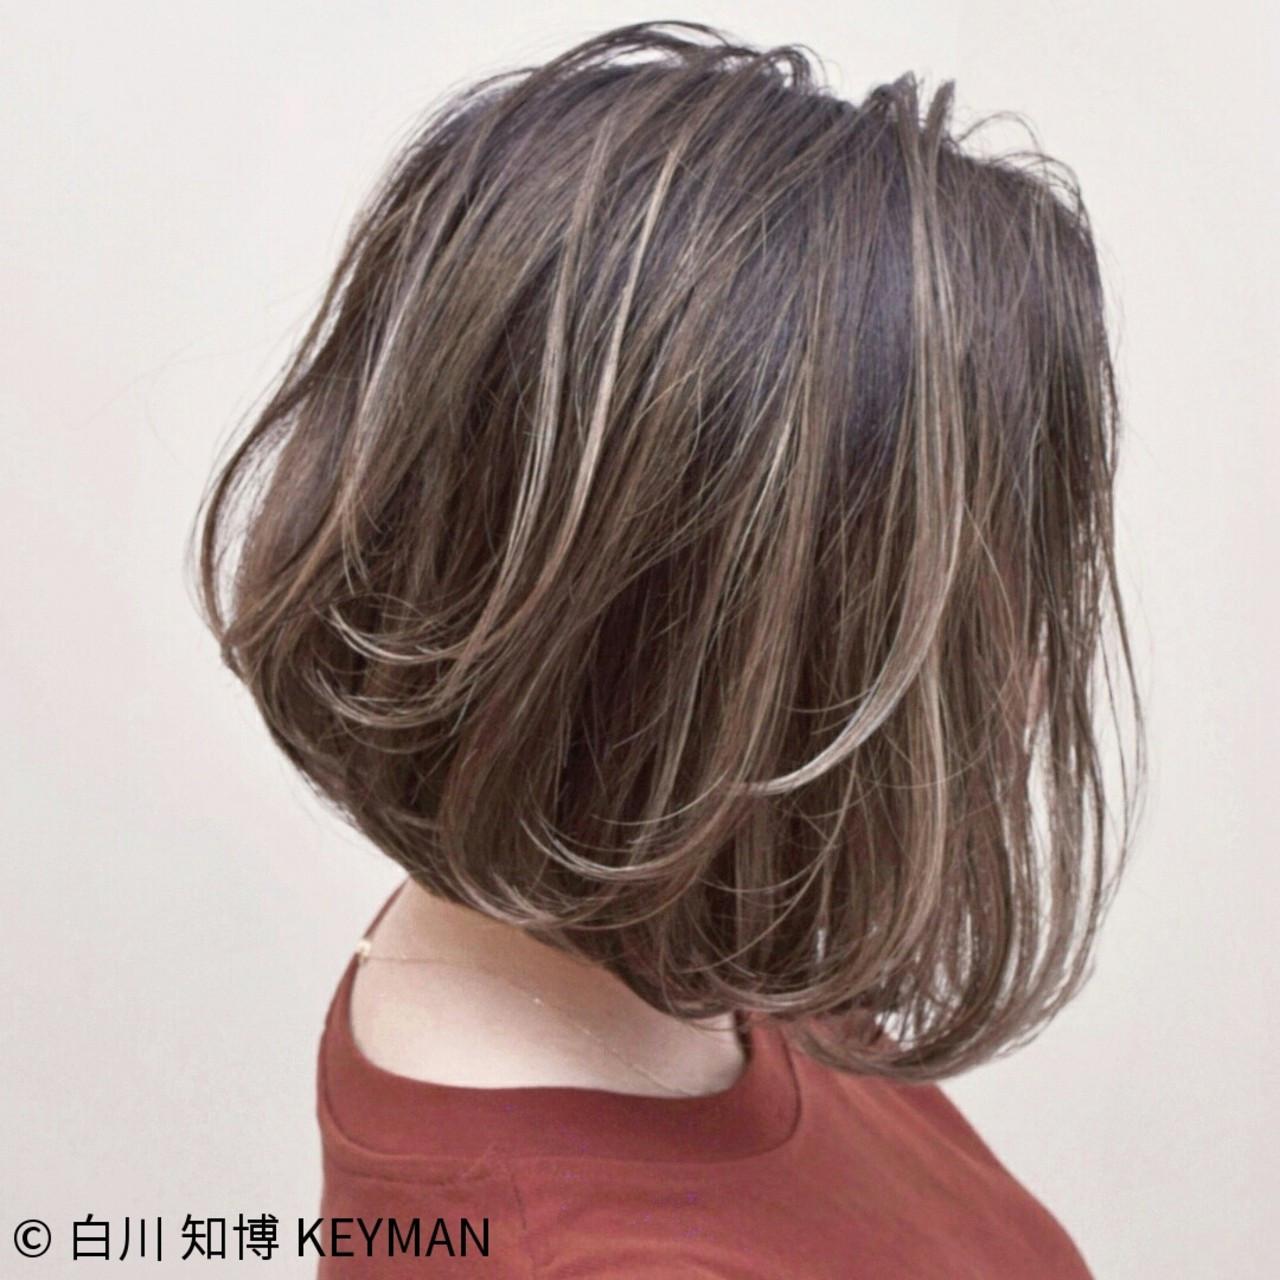 ボブ バレイヤージュ 簡単ヘアアレンジ アンニュイ ヘアスタイルや髪型の写真・画像